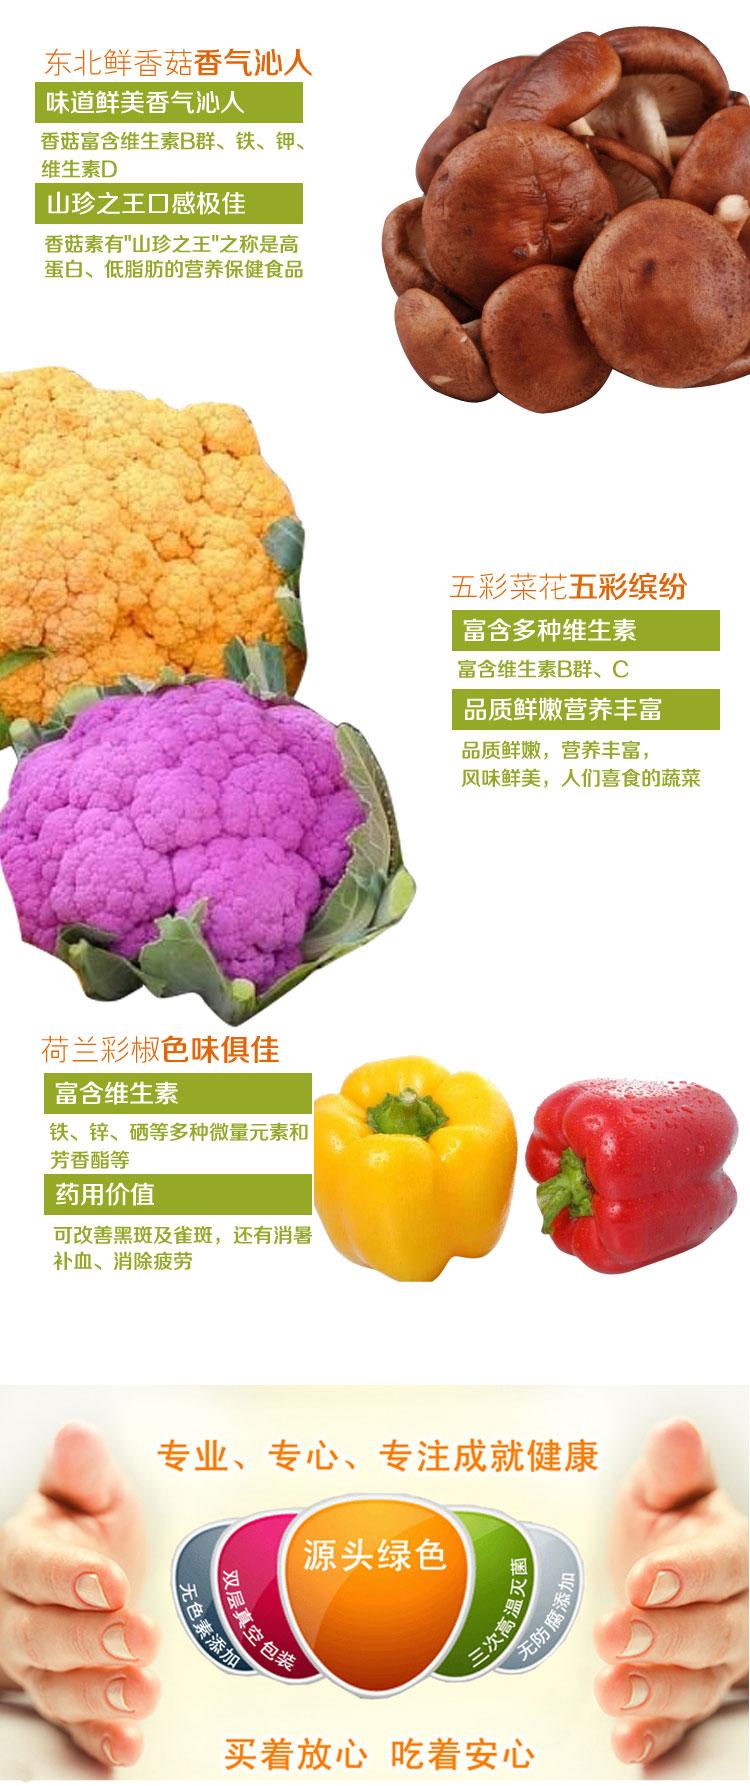 蔬菜2副本_03